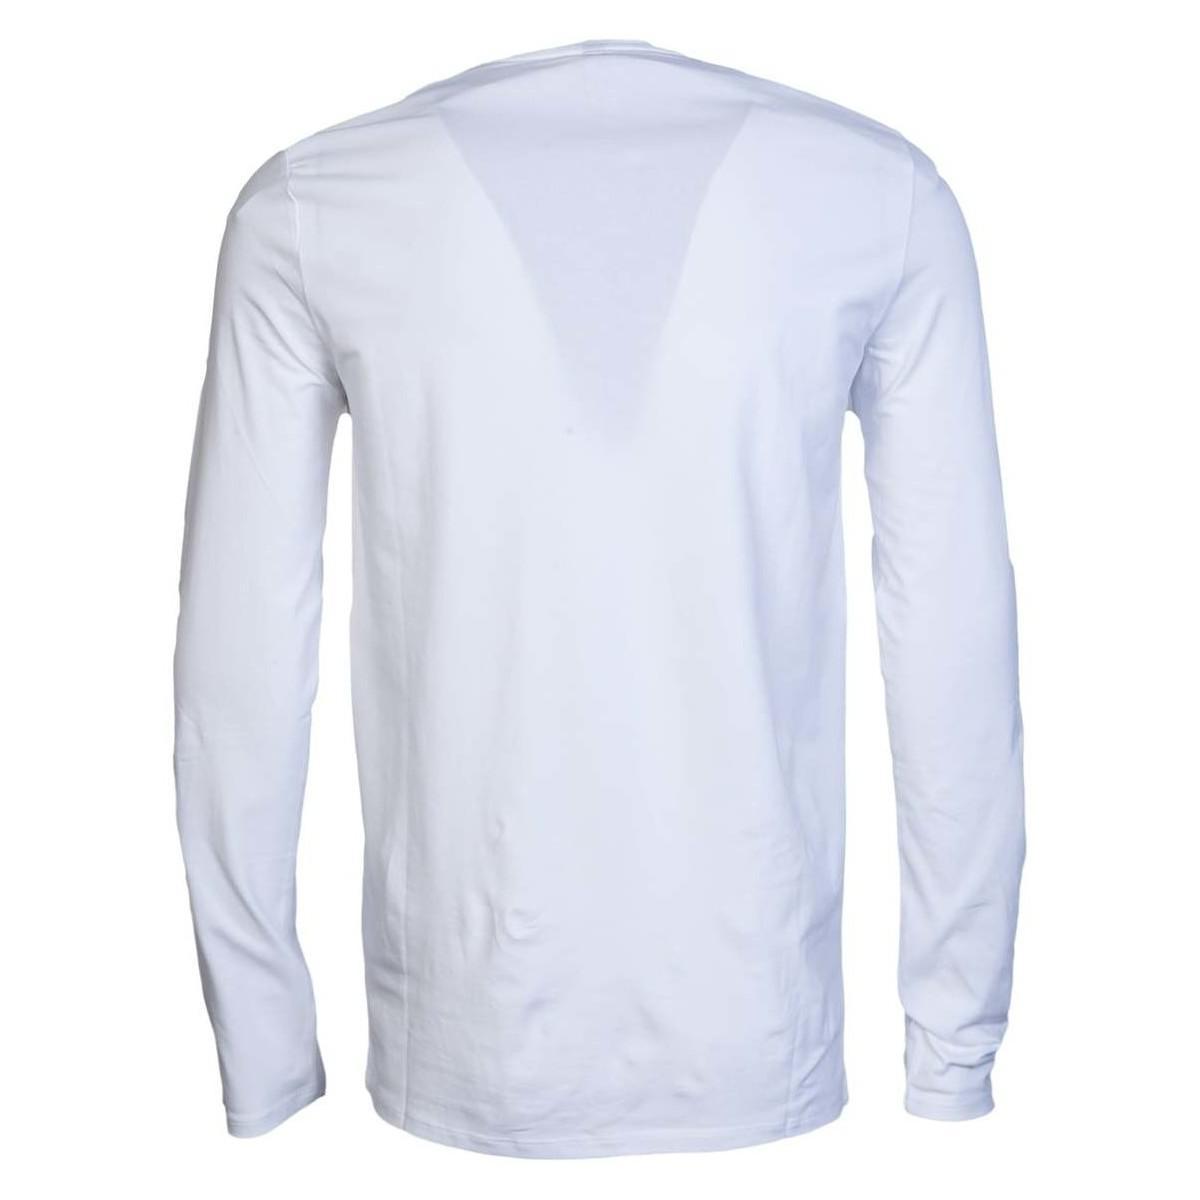 6011a434 Armani Exchange Men's Shirts | Dillard's